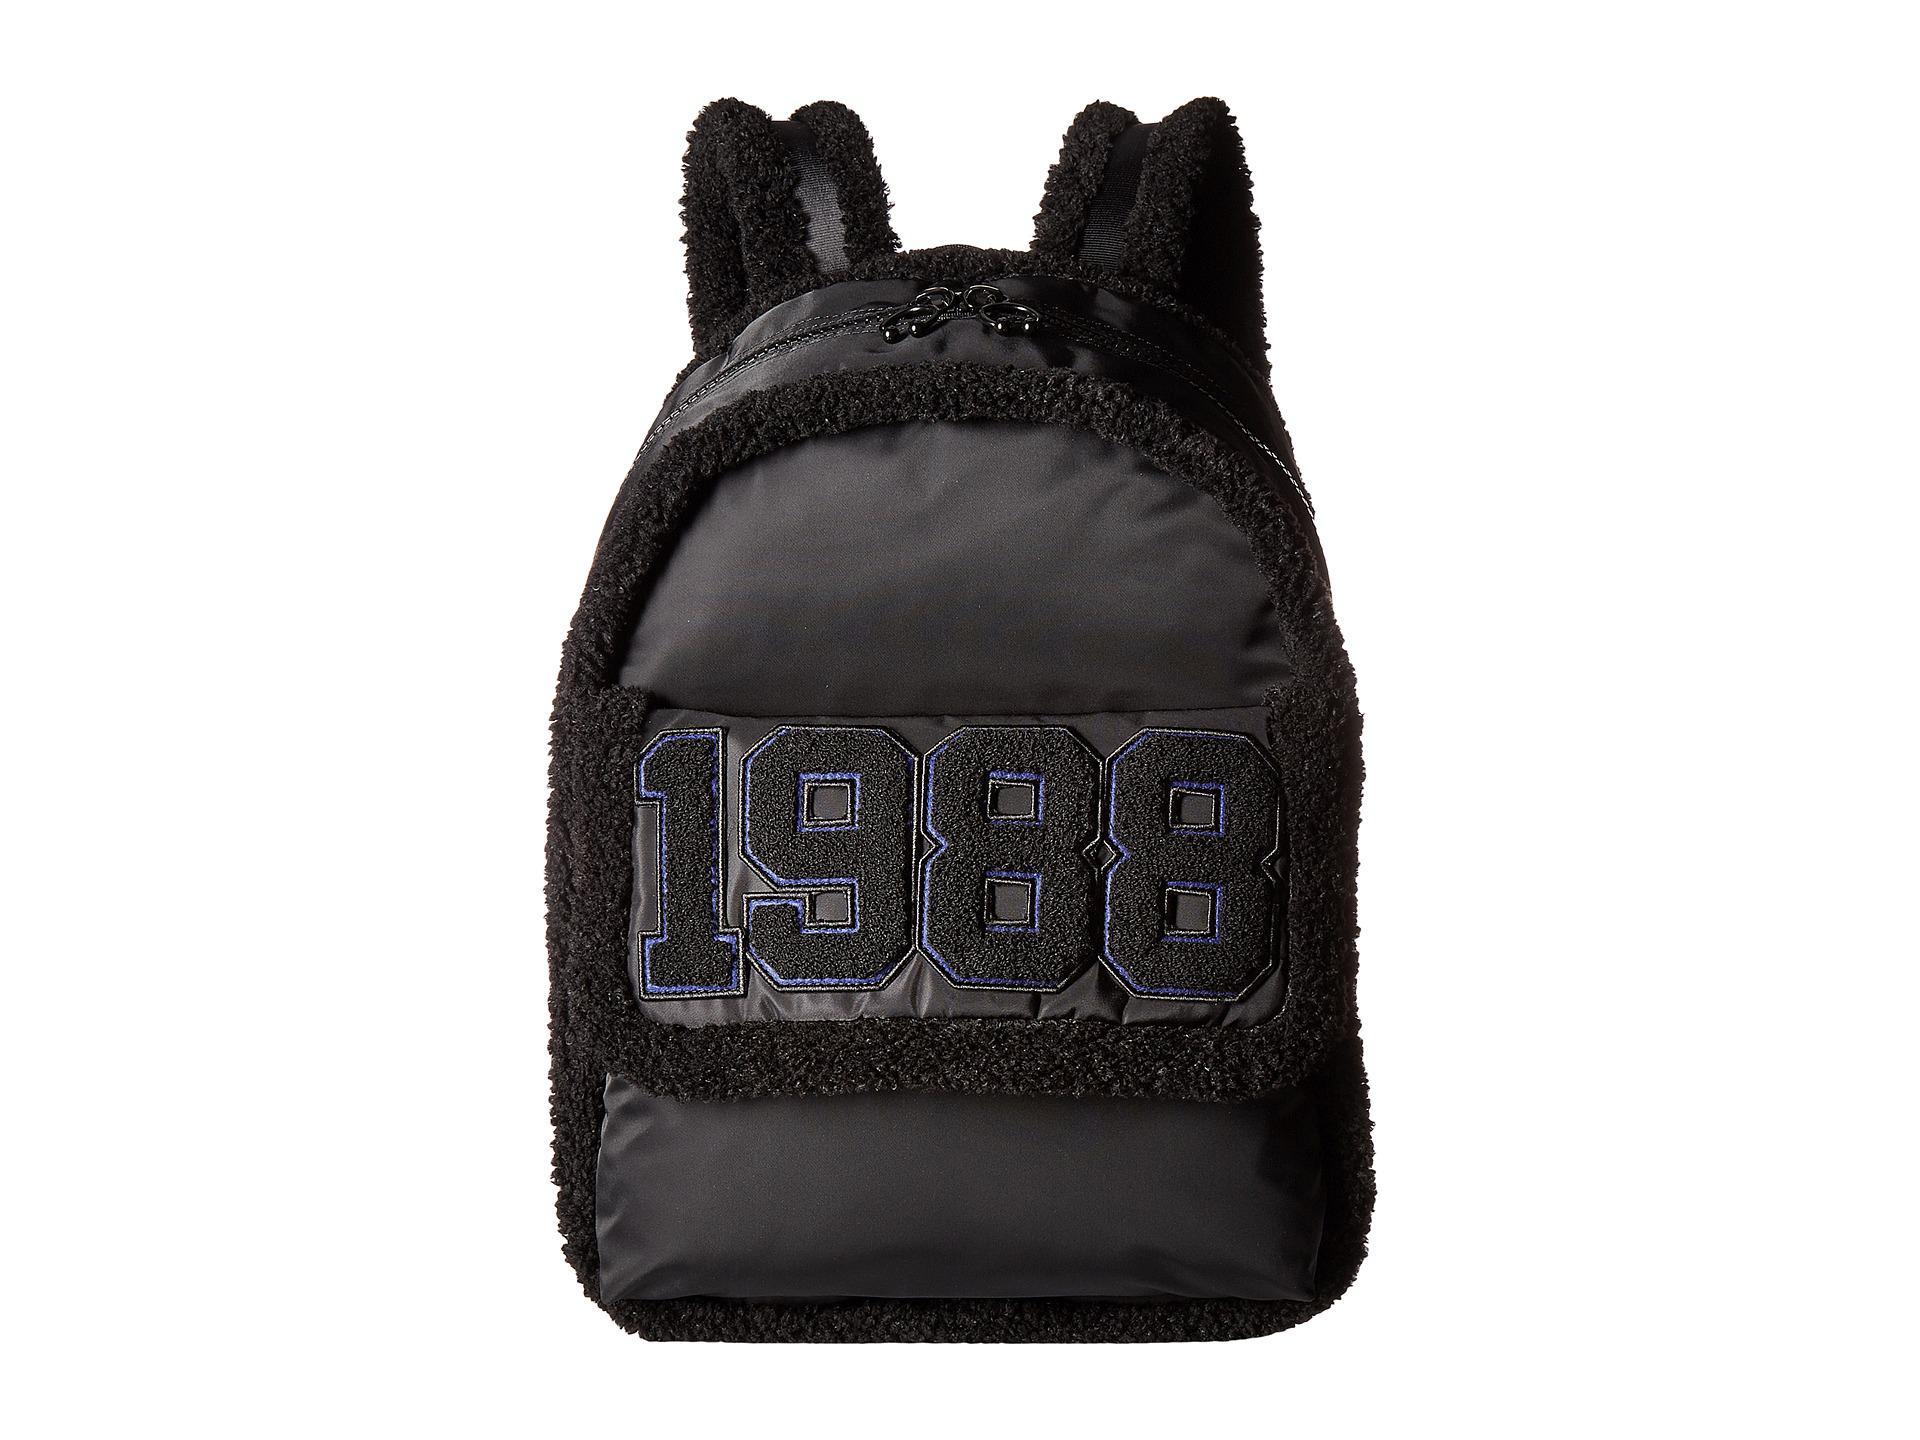 Fenty Puma by Rihanna Clear Airmesh Backpack w/ Leather Trim GUDRYnPSG